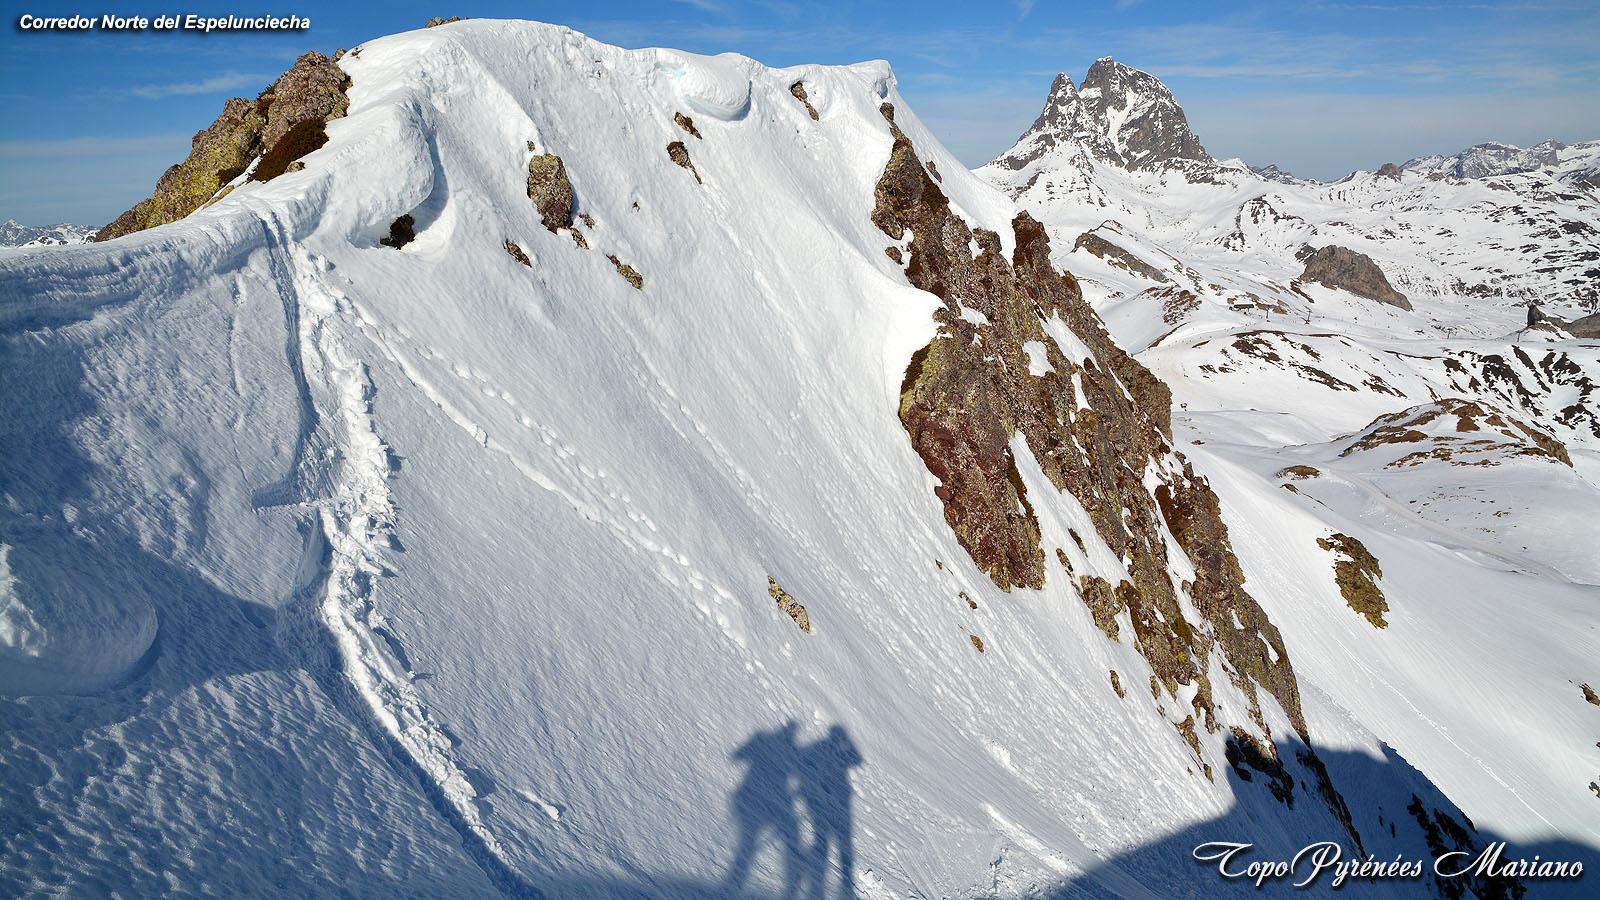 Raquettes Punta Espelunciecha (2396m)